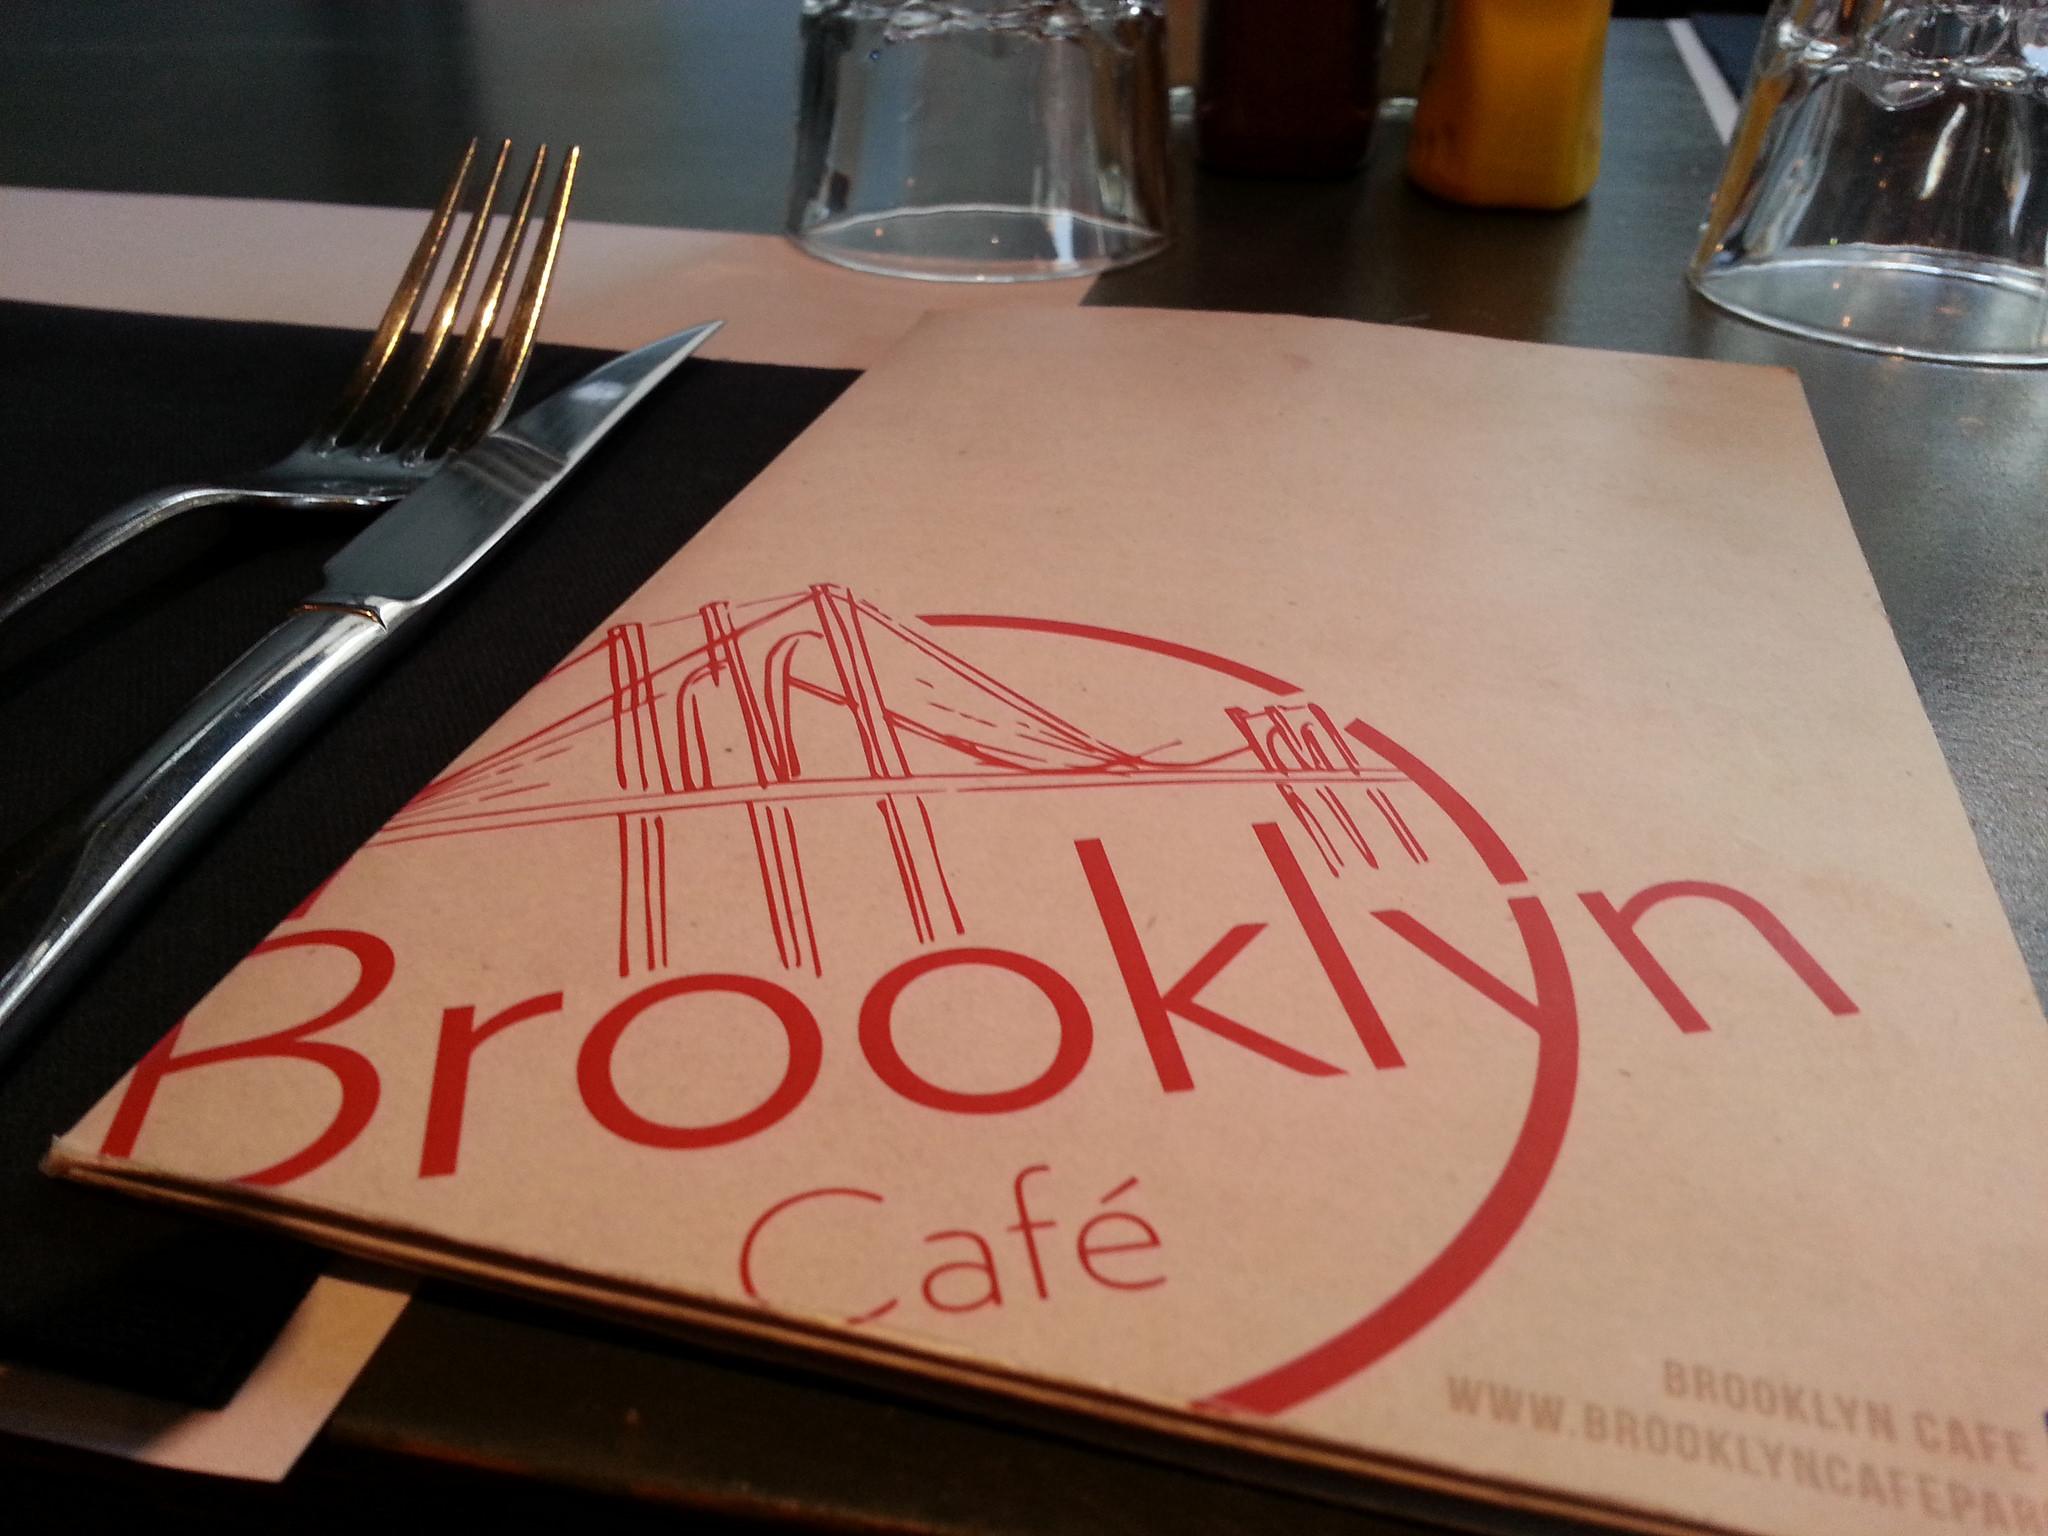 Brooklyn Cafe Menu